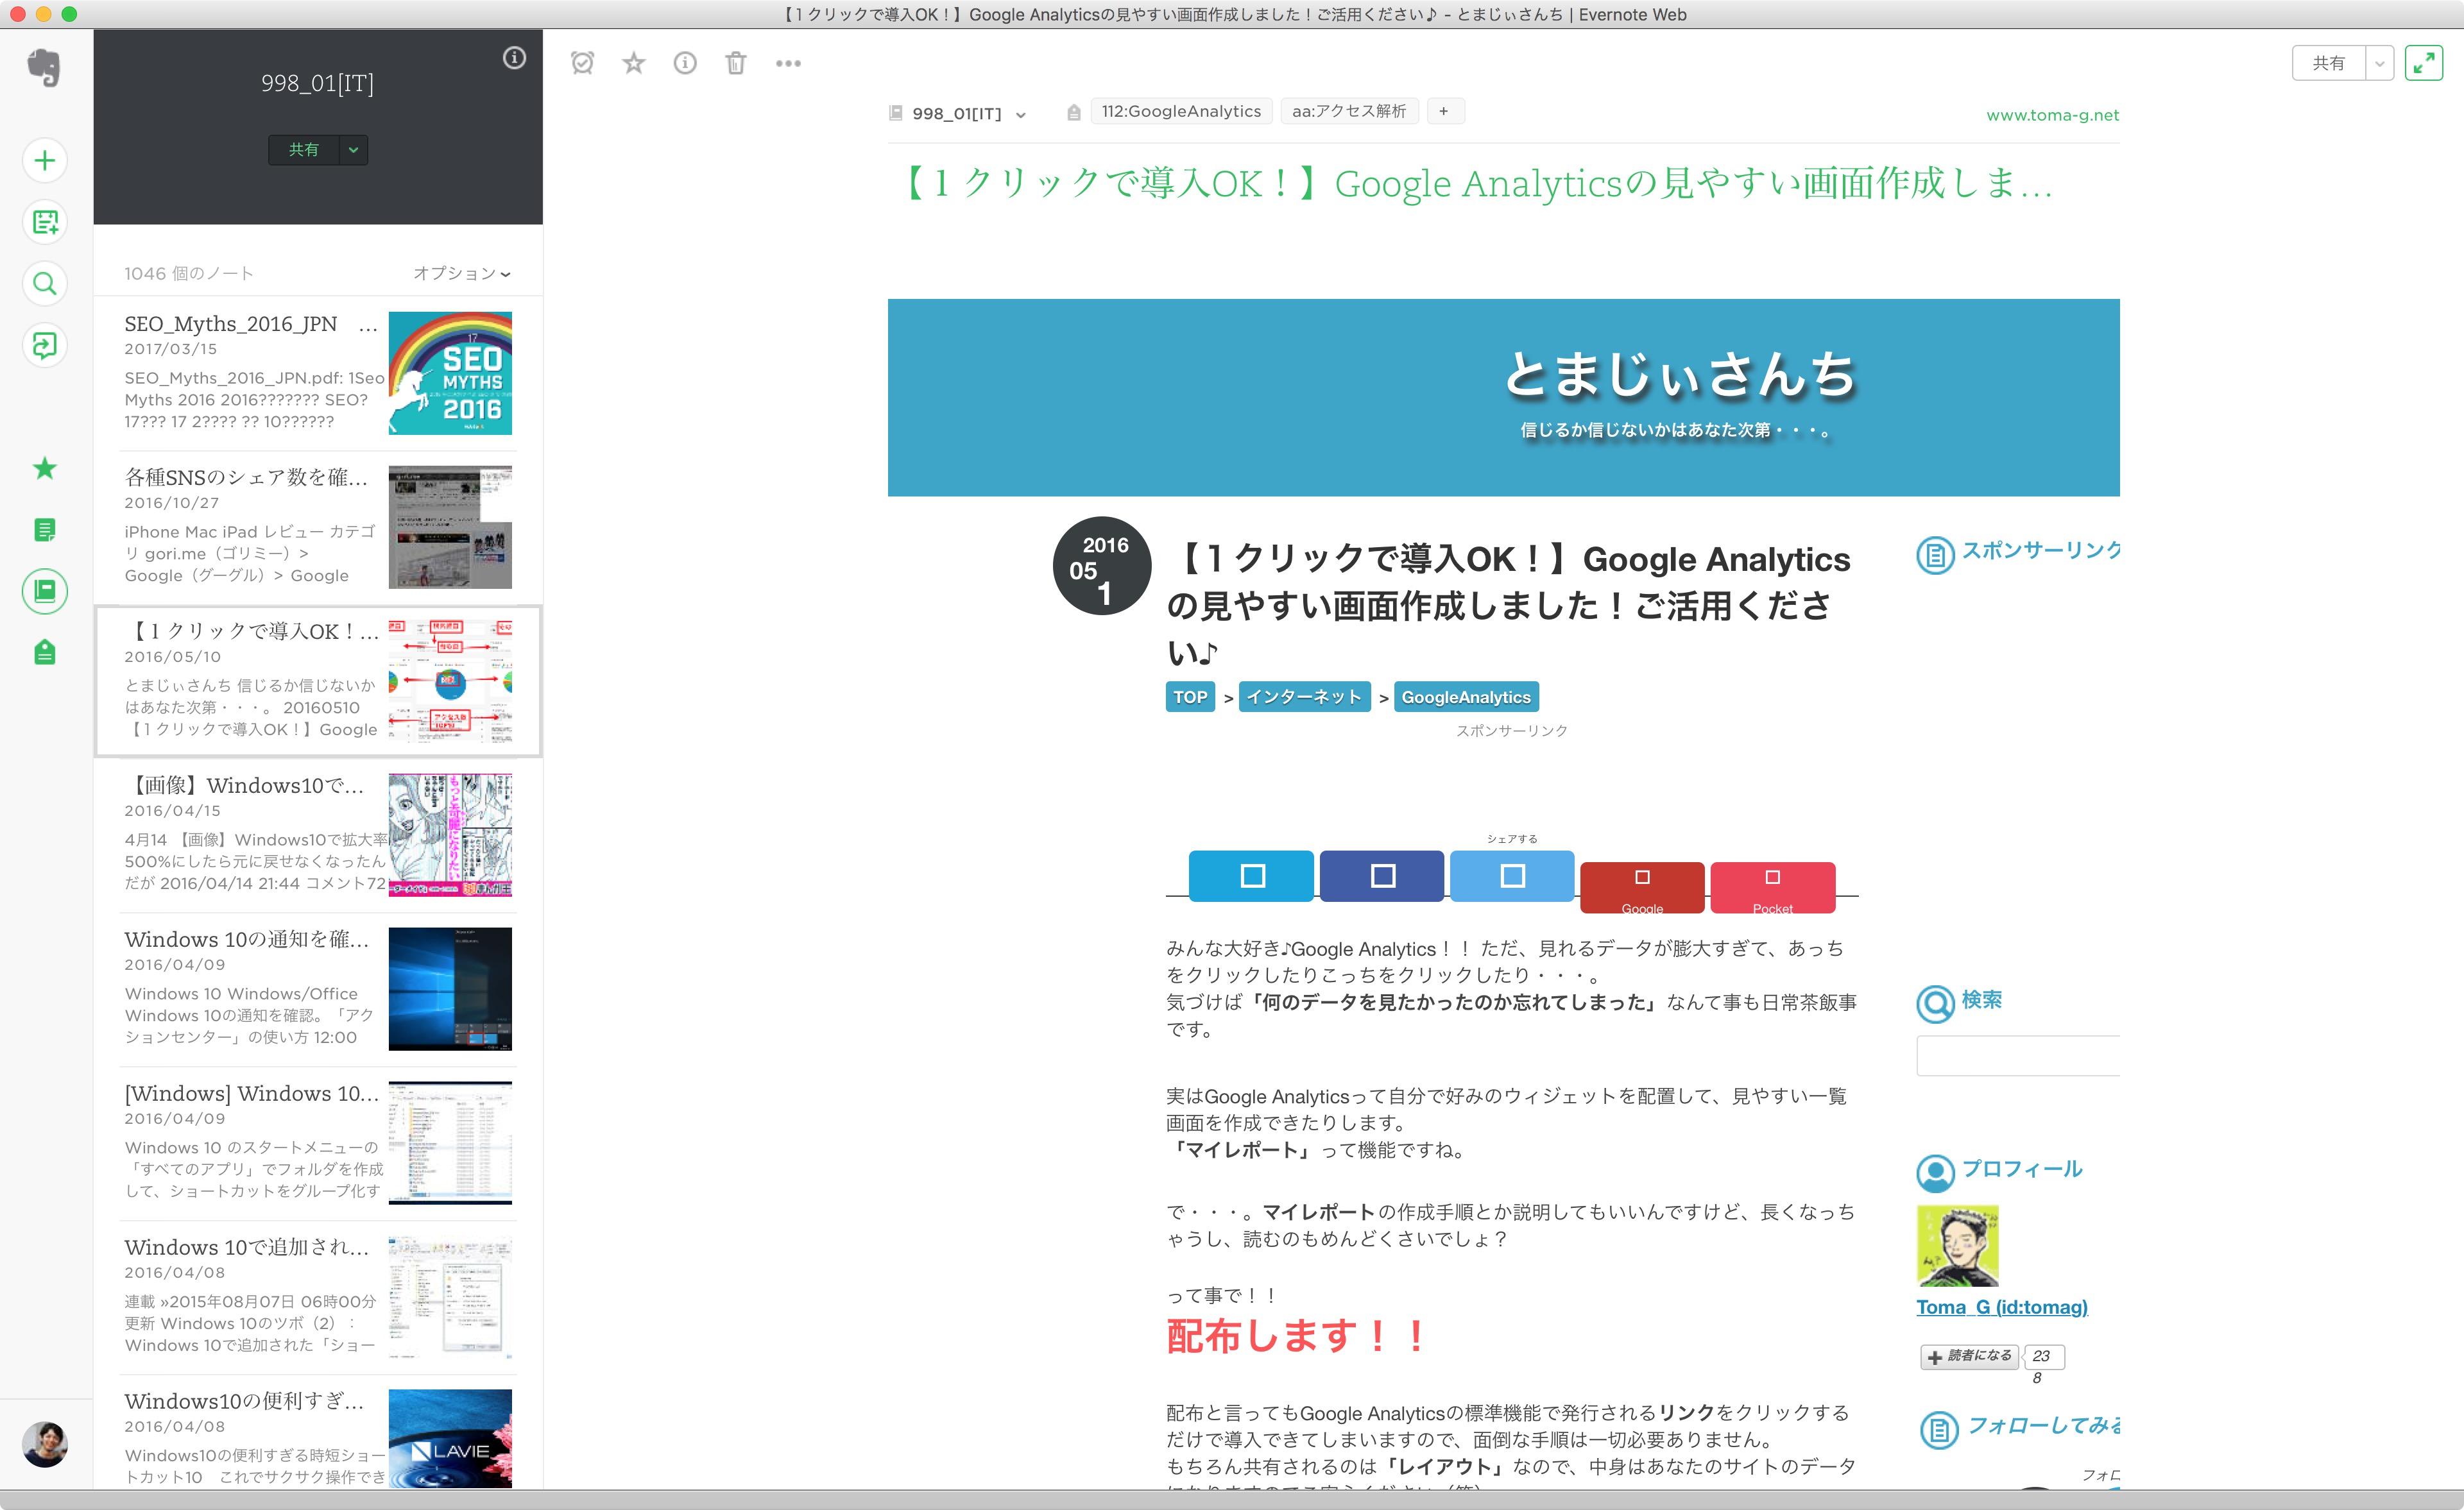 webver-evernote-app_4